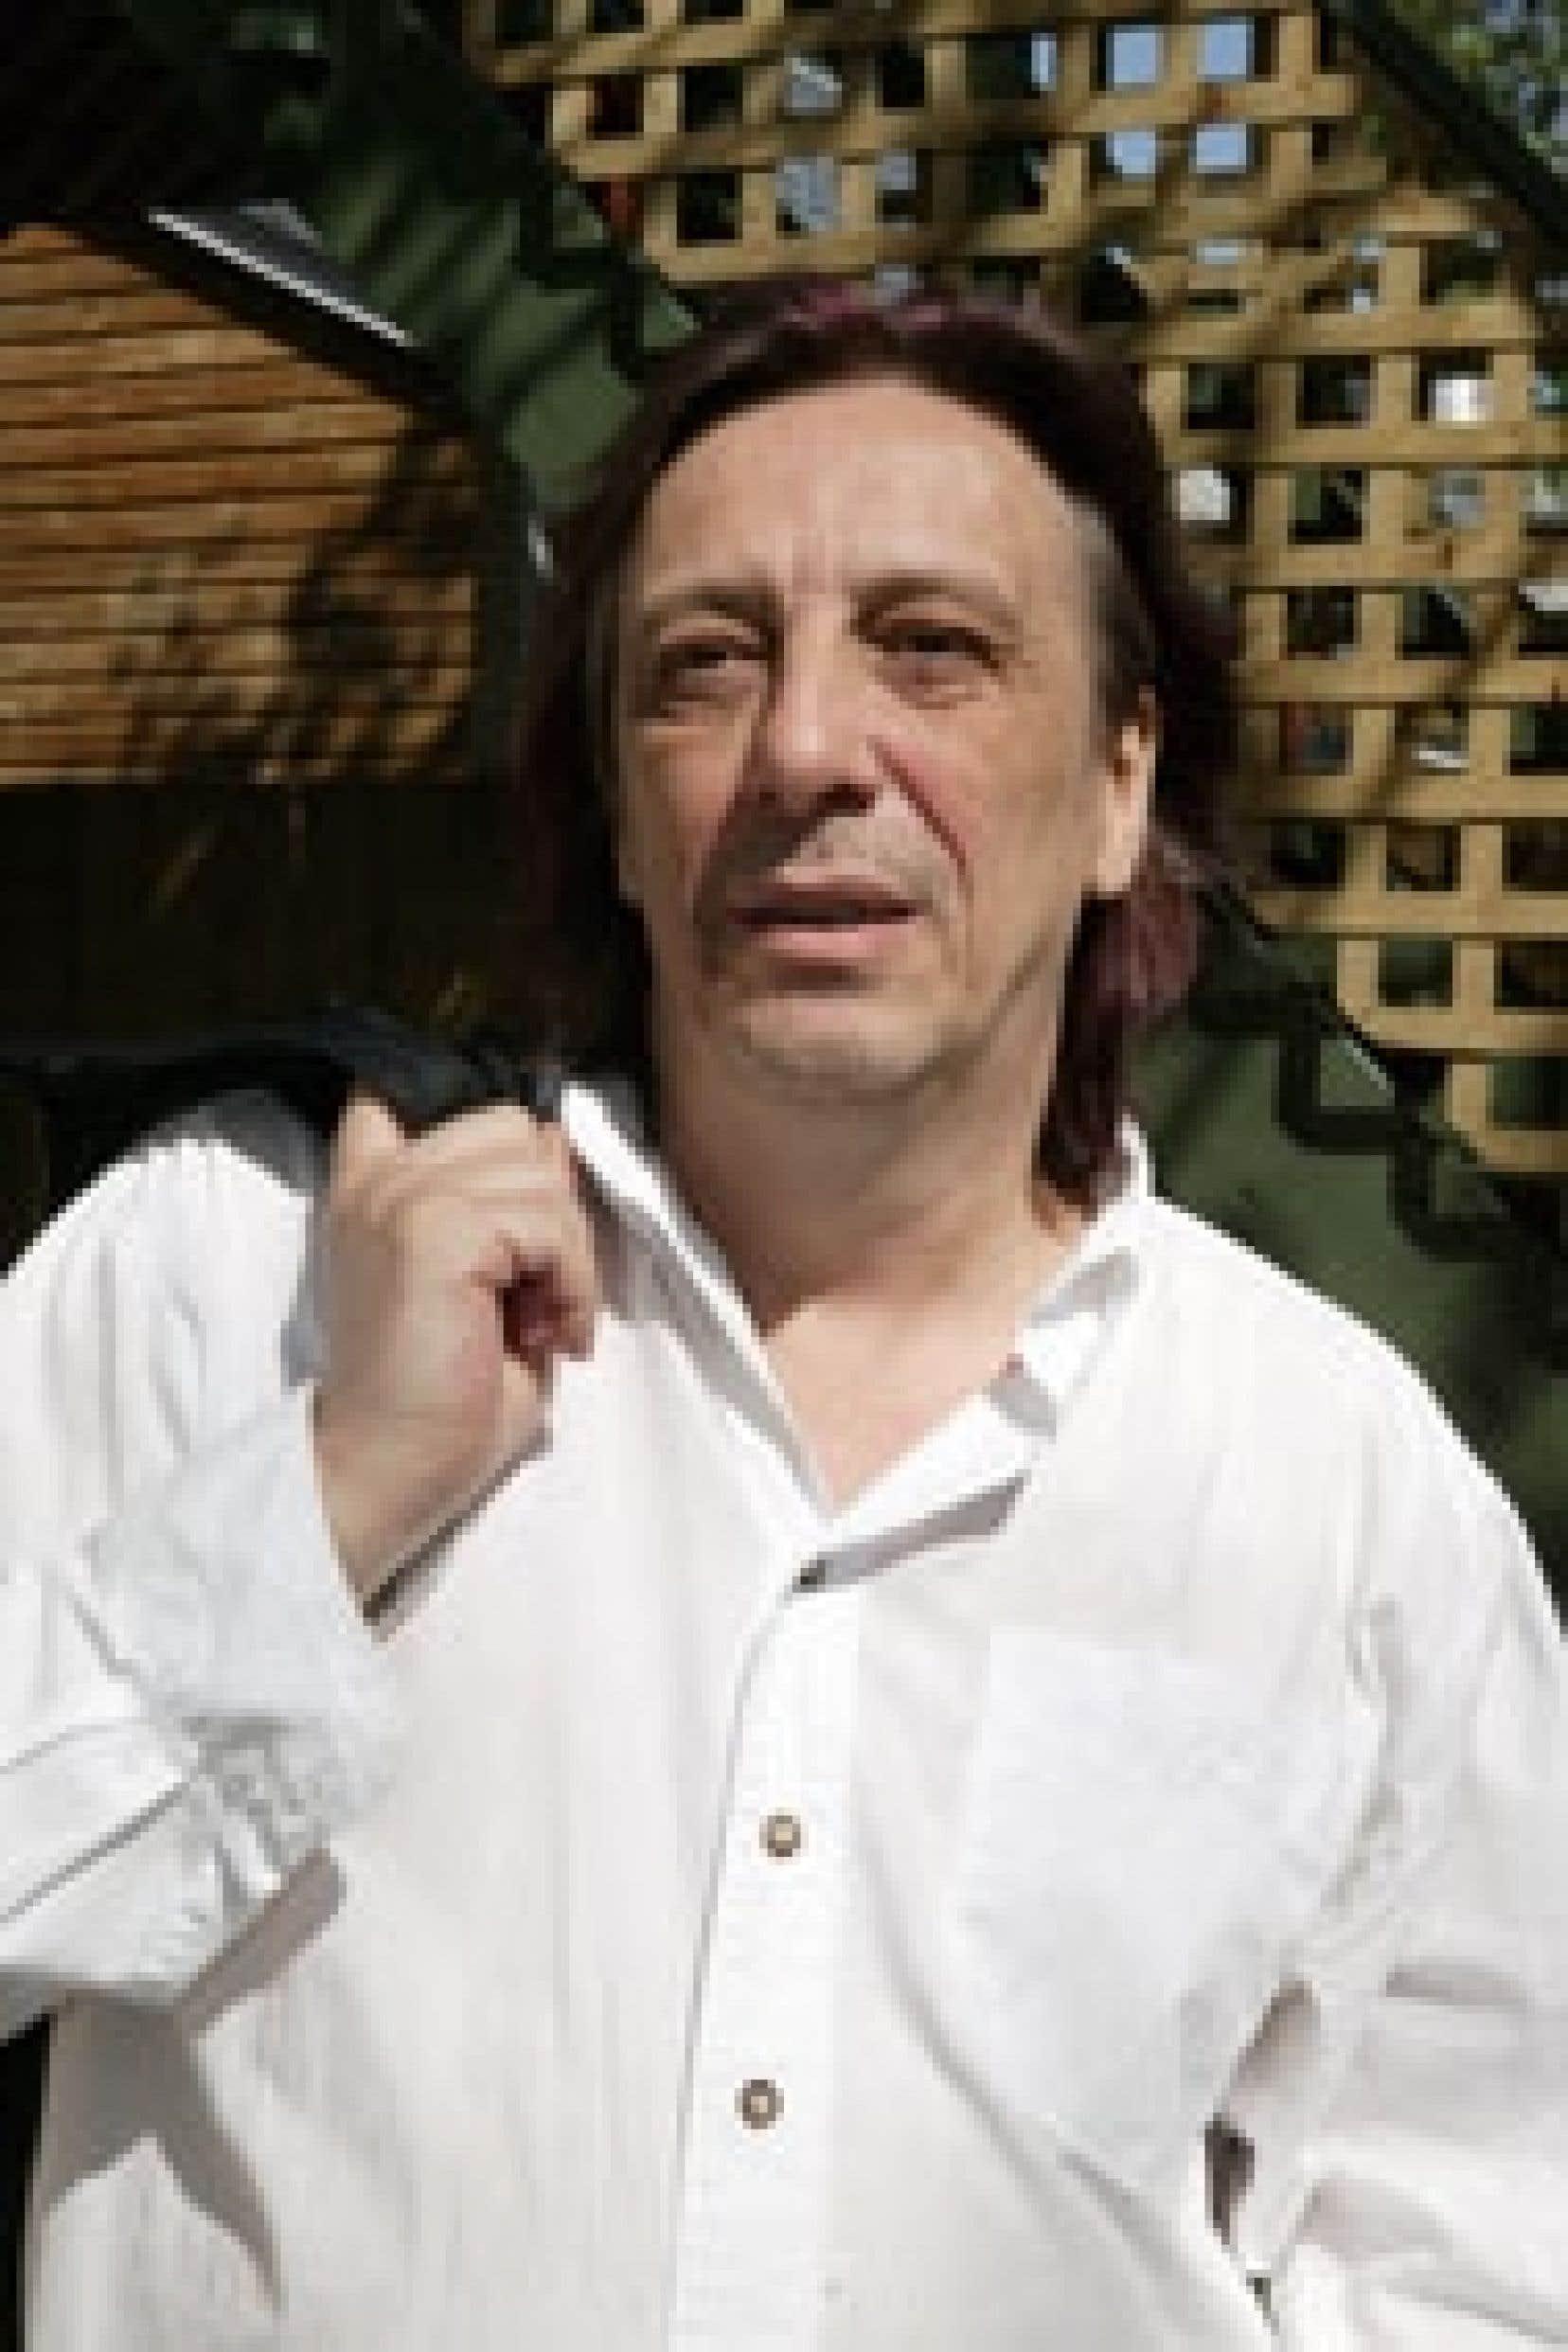 Le premier grand spectacle en salle des FrancoFolies de Montréal constituait hier un hommage à Serge Fiori, l'âme dirigeante du groupe Harmonium.